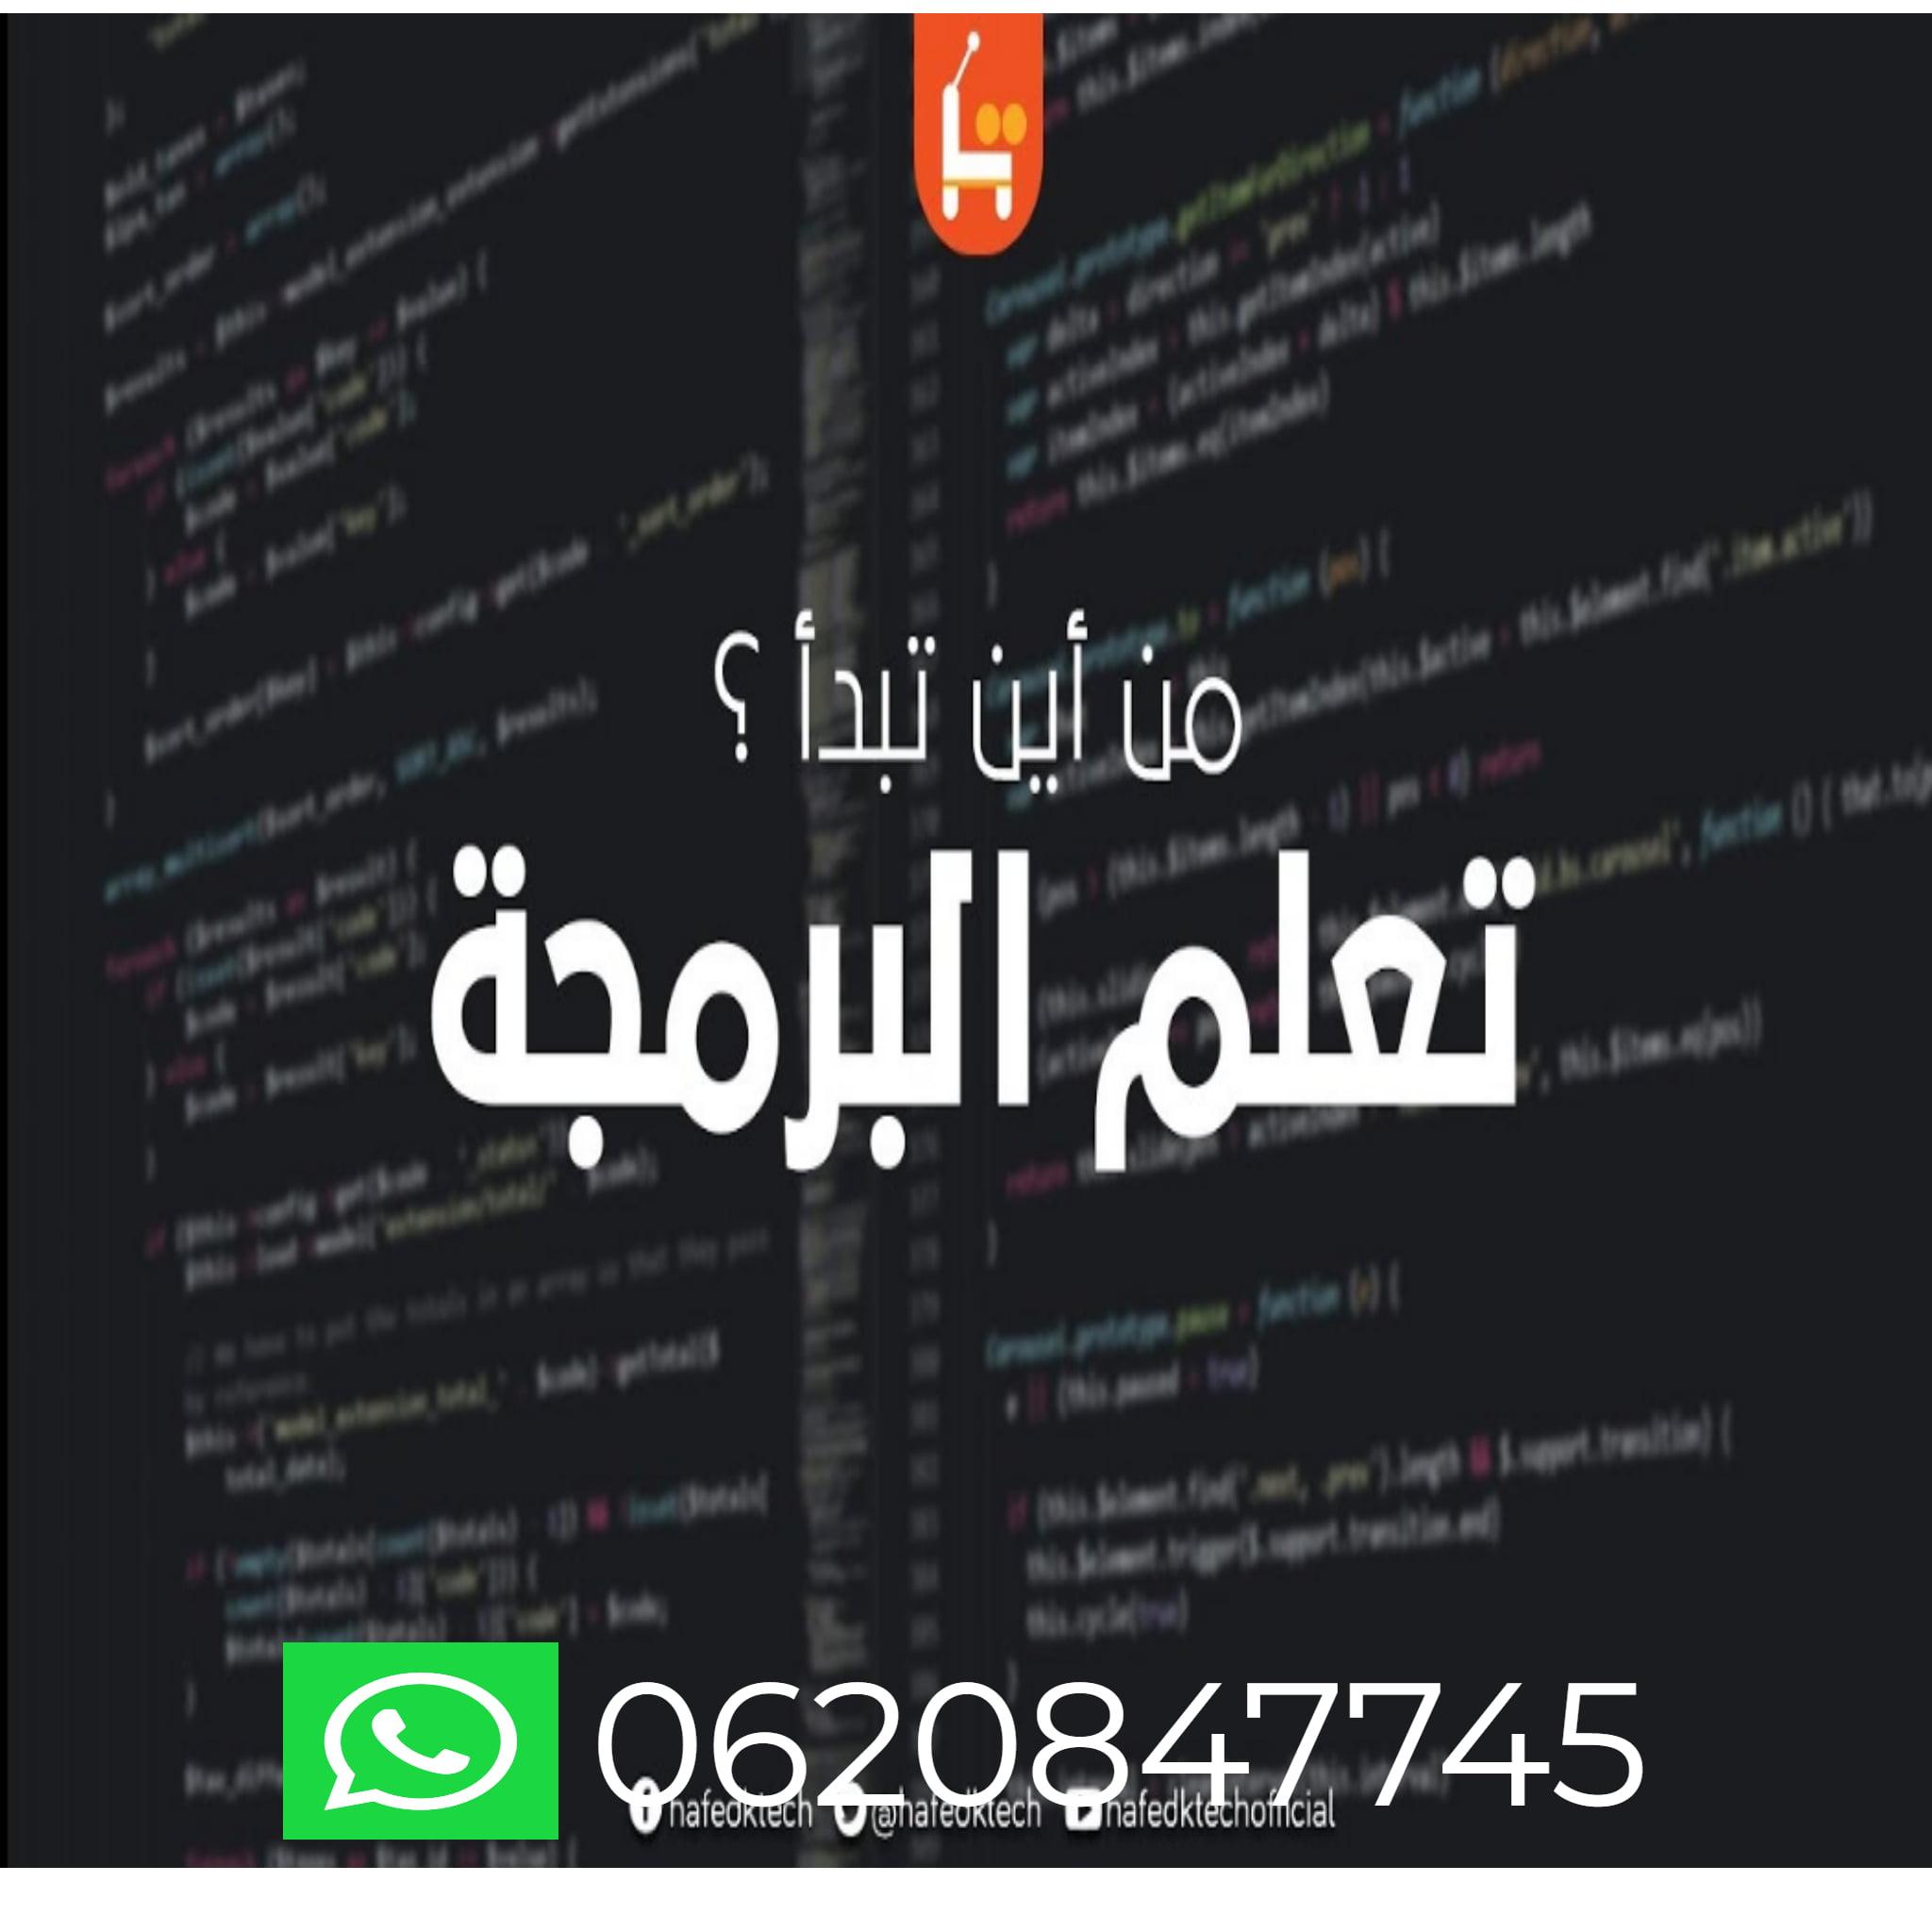 تعلم لغة البرمجة و كيفية العمل بها